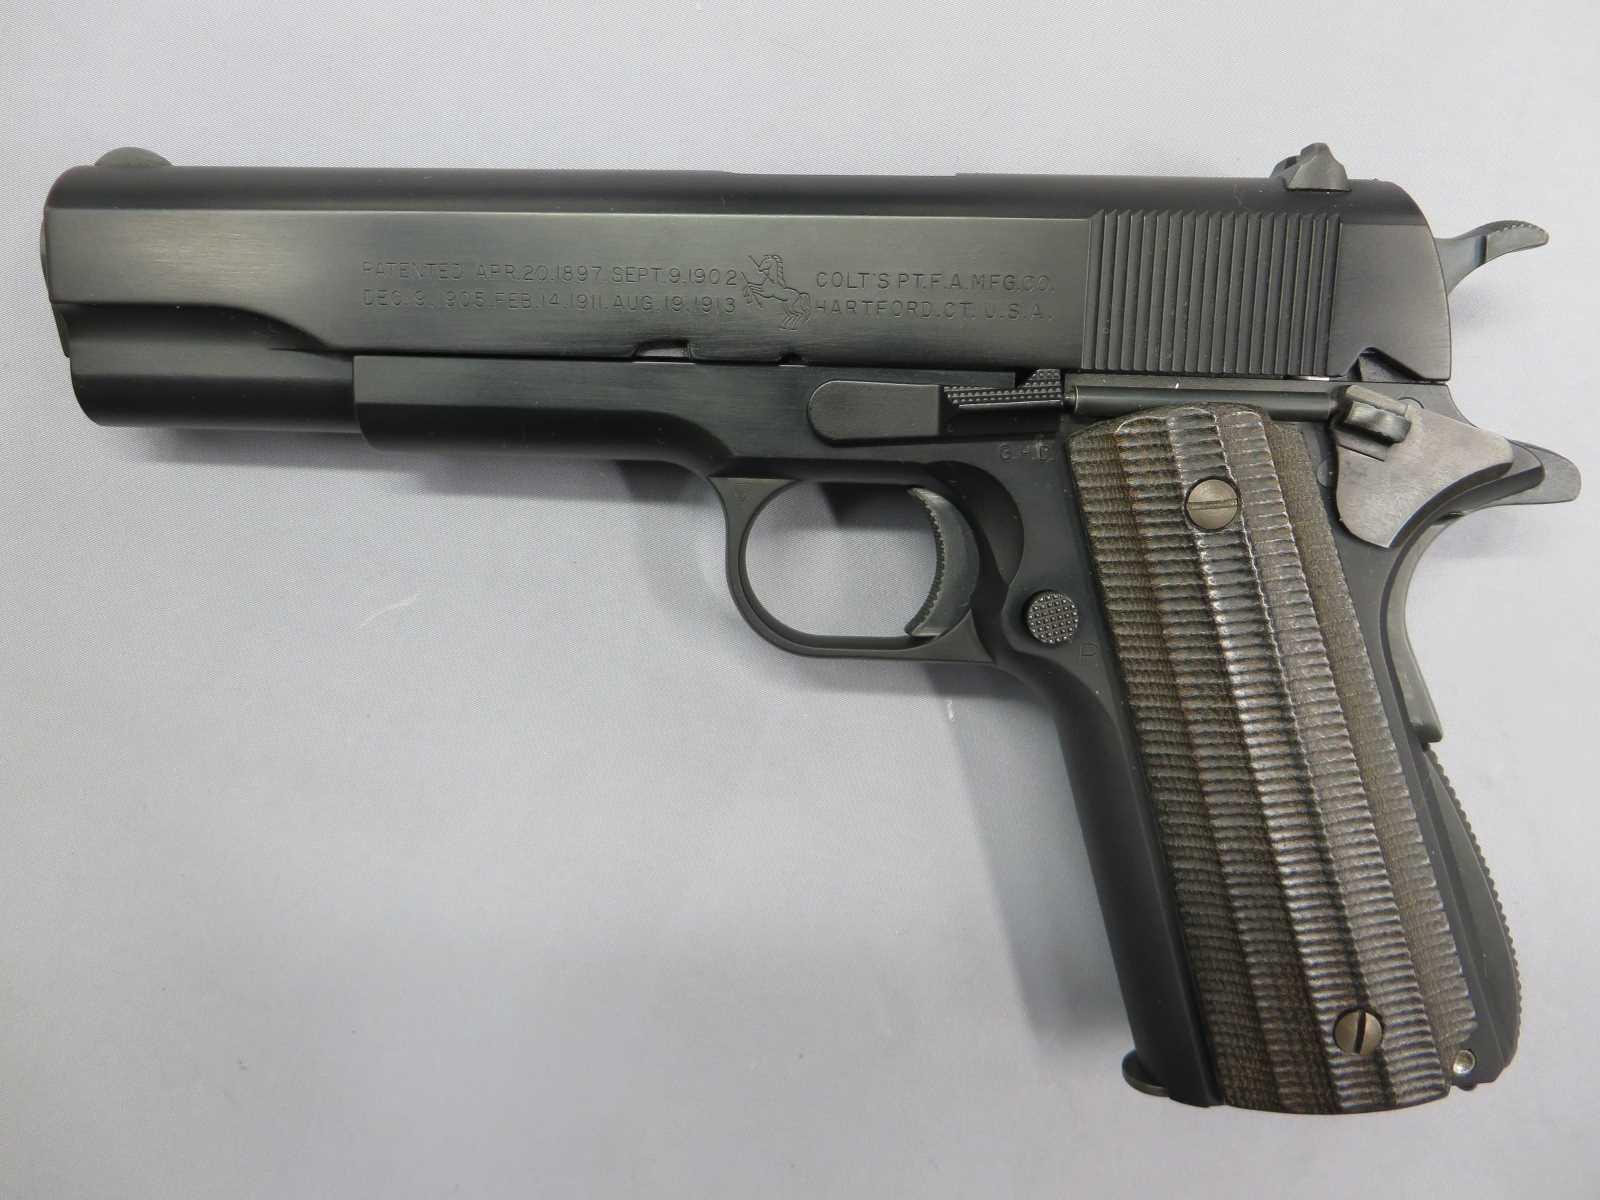 【ウエスタンアームズ】コルト M1911A1 パールハーバー / カスタム